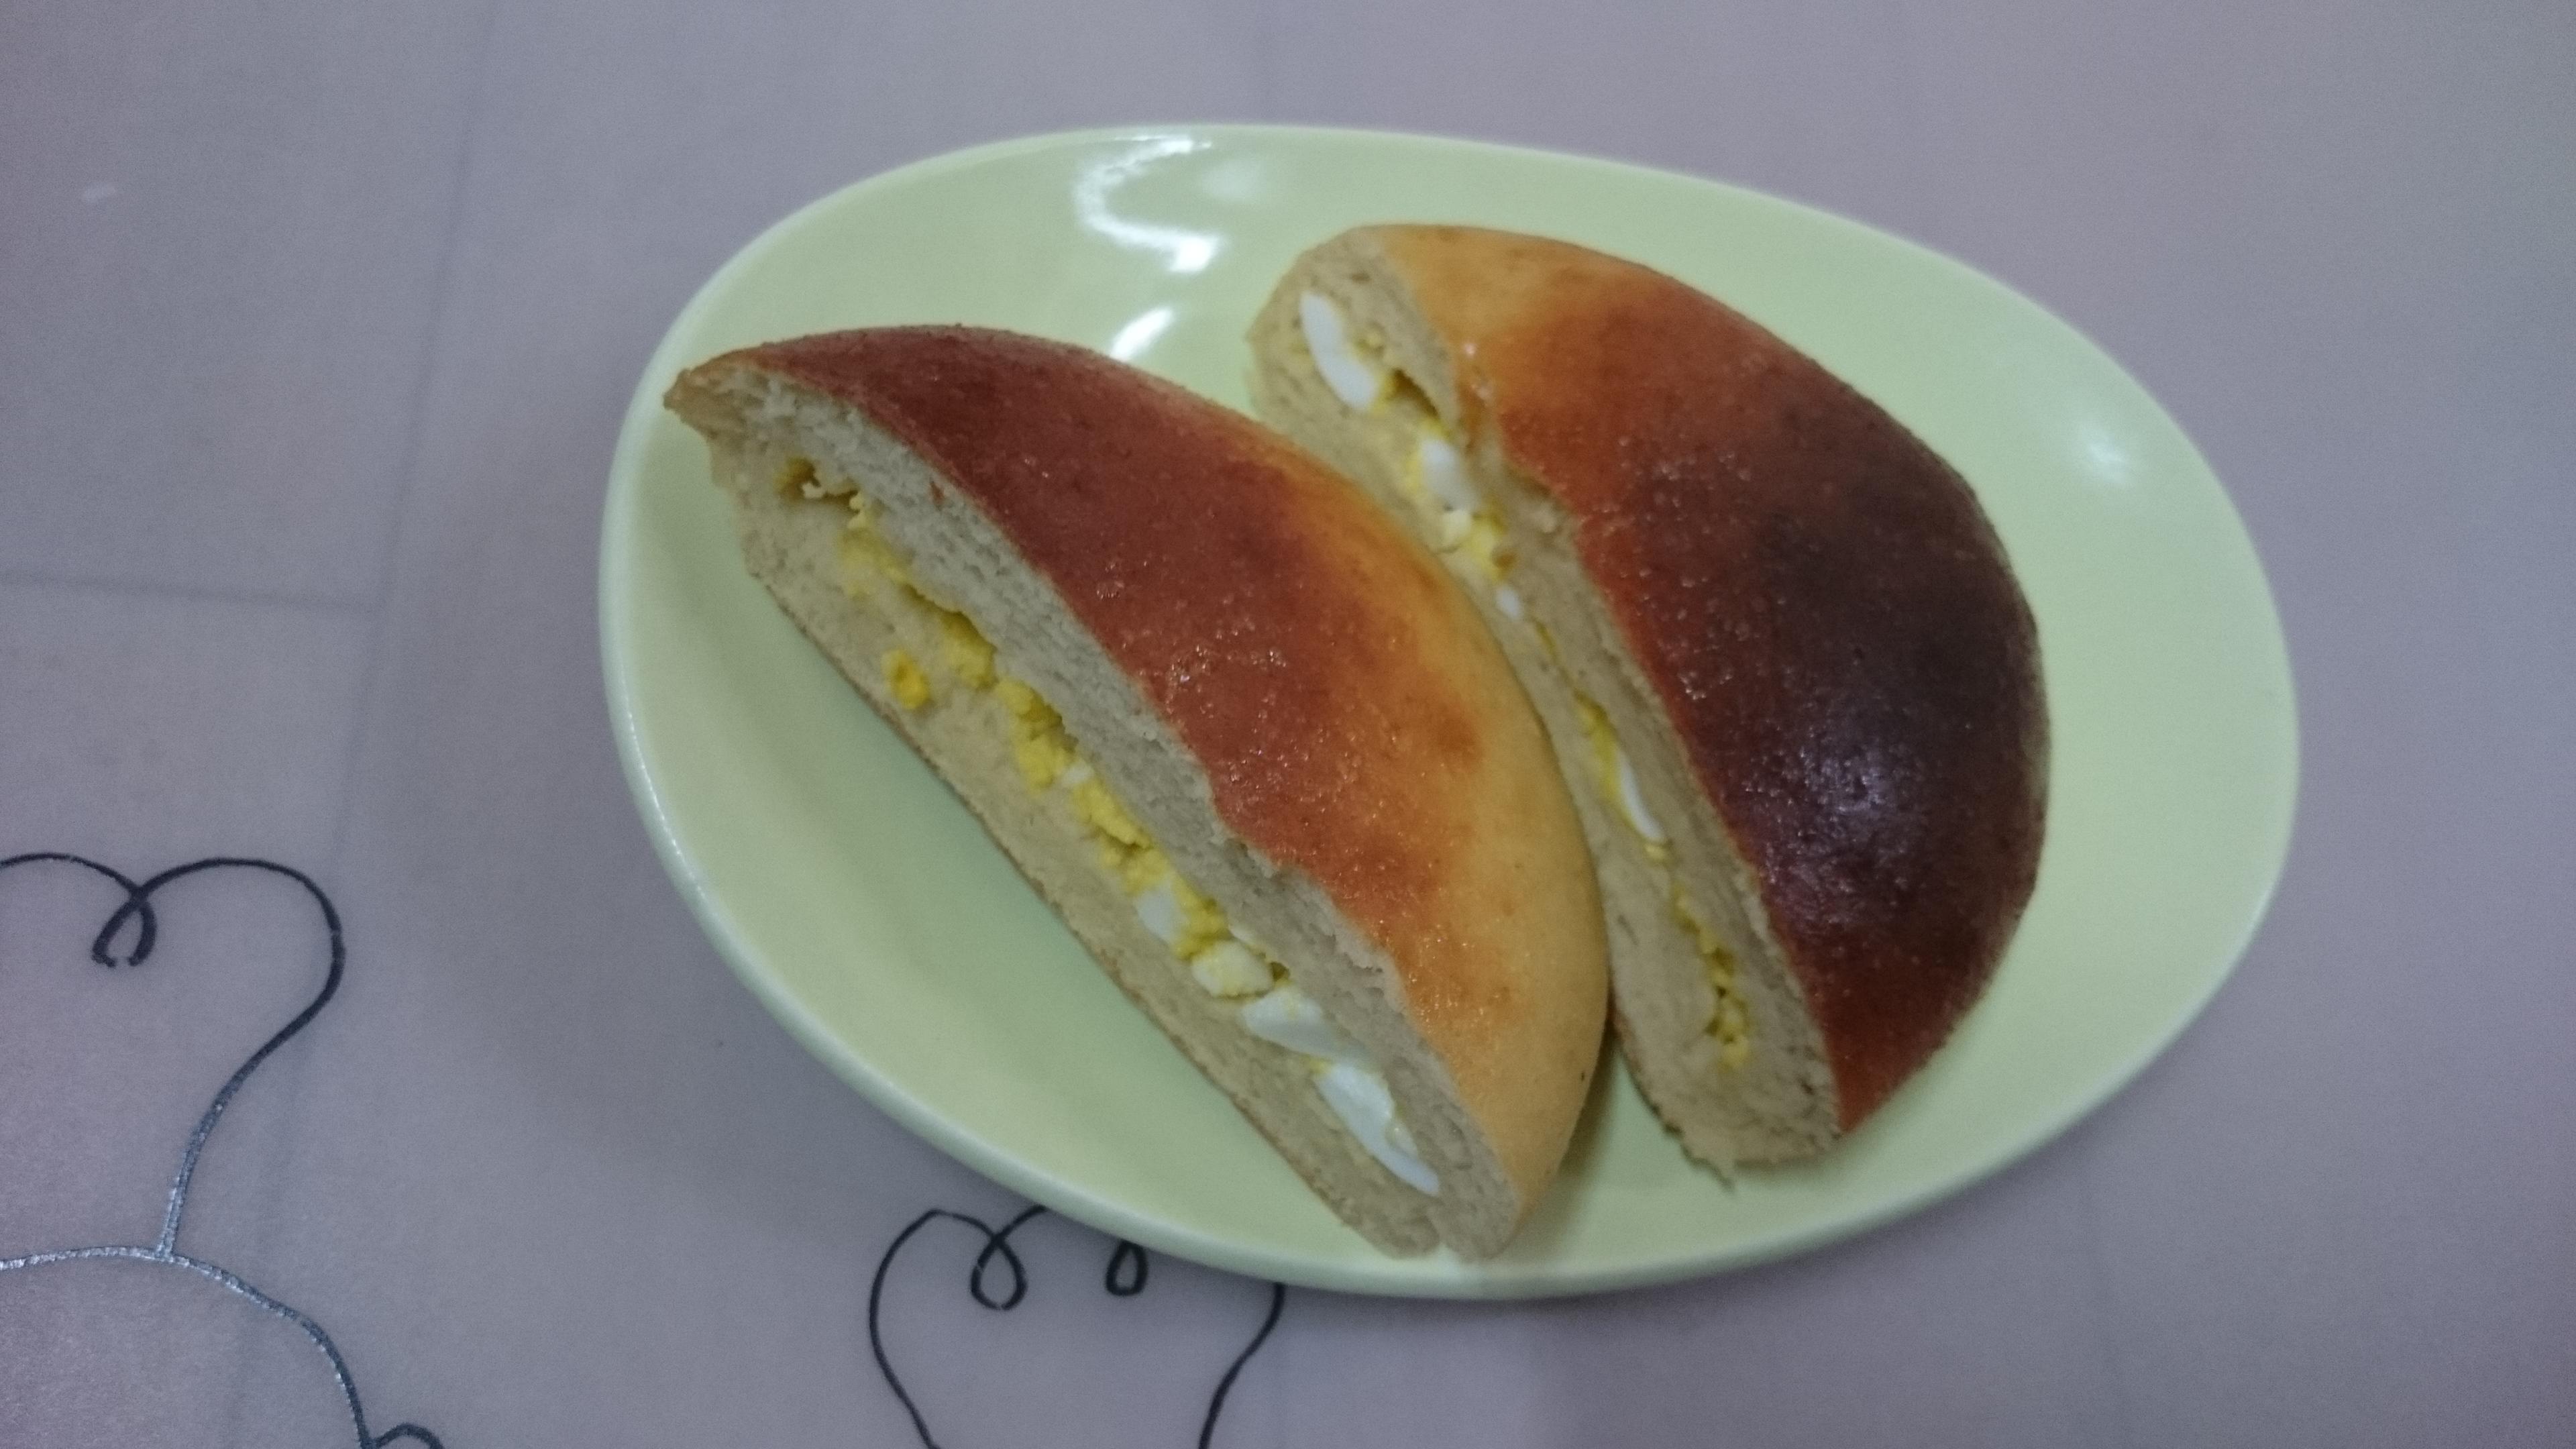 京都江部粉糖質制限『餡子から作るあんパン』a-ta-sante 糖質制限パン料理教室。阿倍野区西田辺。江部粉のつくレポが届きました。